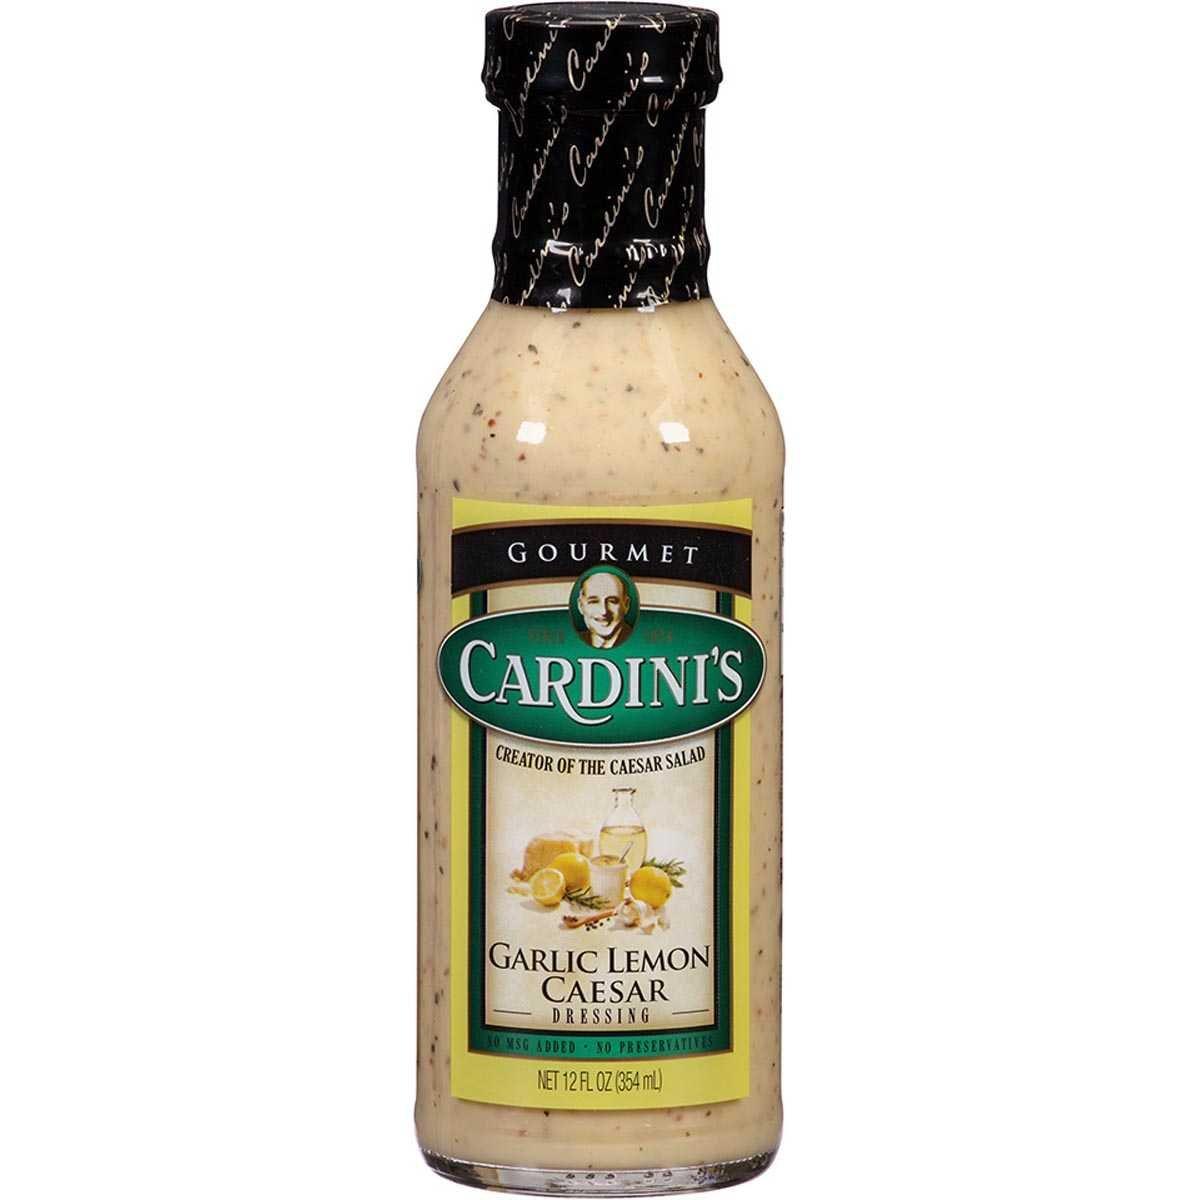 카디니스 갈릭 레몬 시져 드레싱, 1개, 354ml